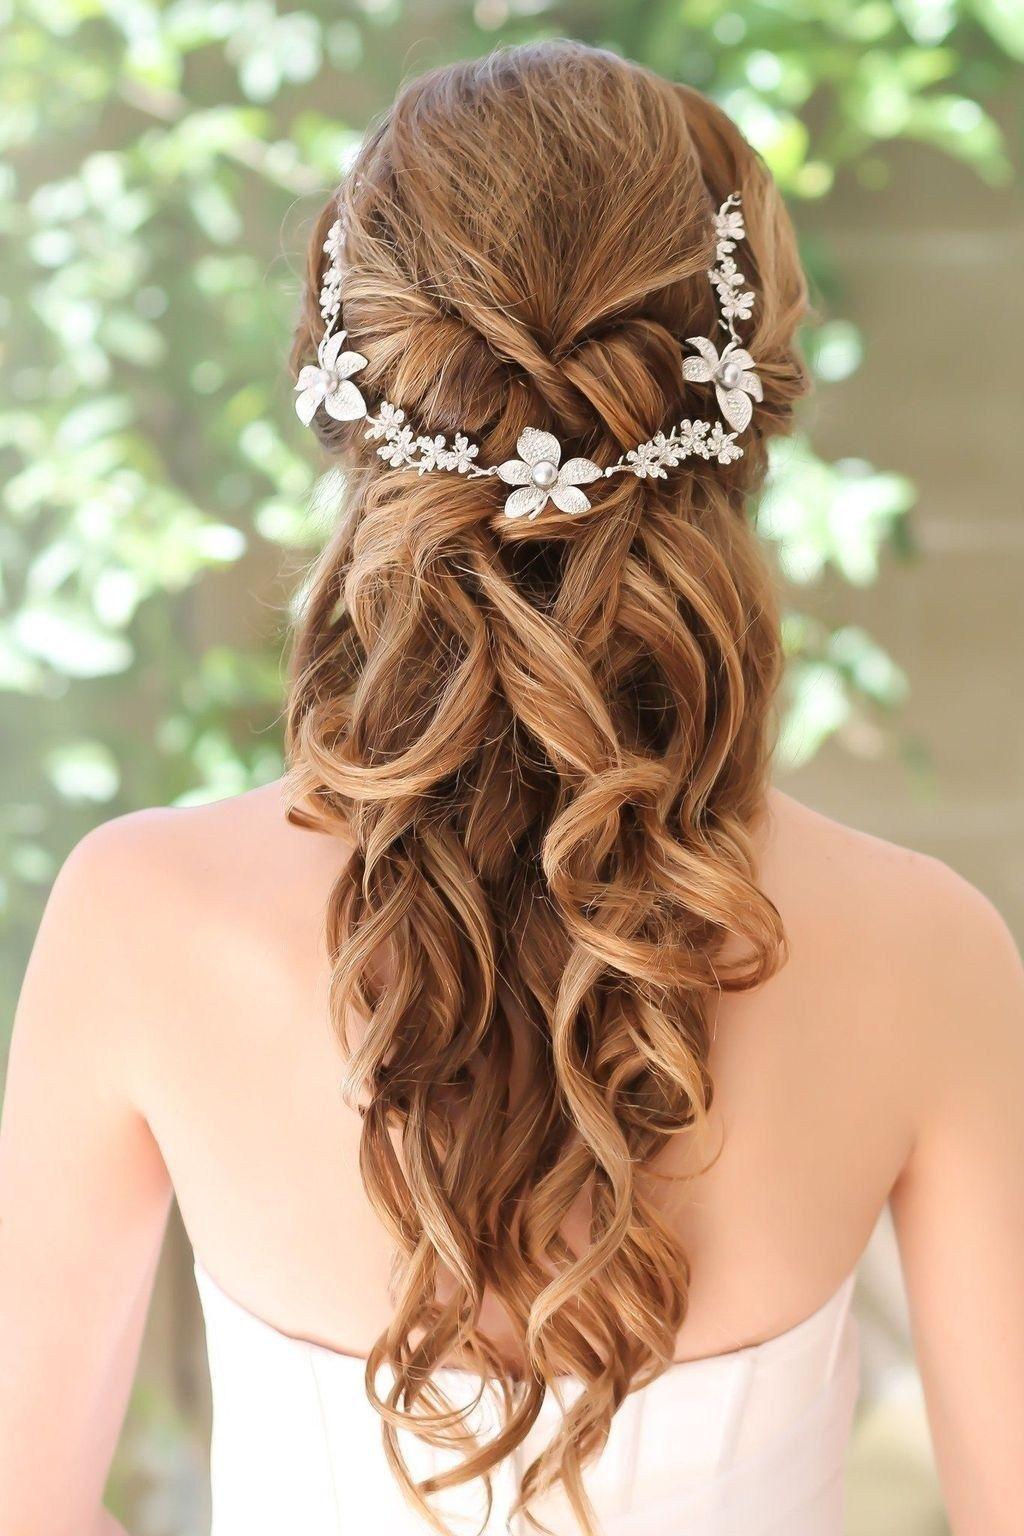 Idées De Belles Coiffures De Mariage Pour Les Cheveux Bouclés | Coiffure mariage, Coiffure ...